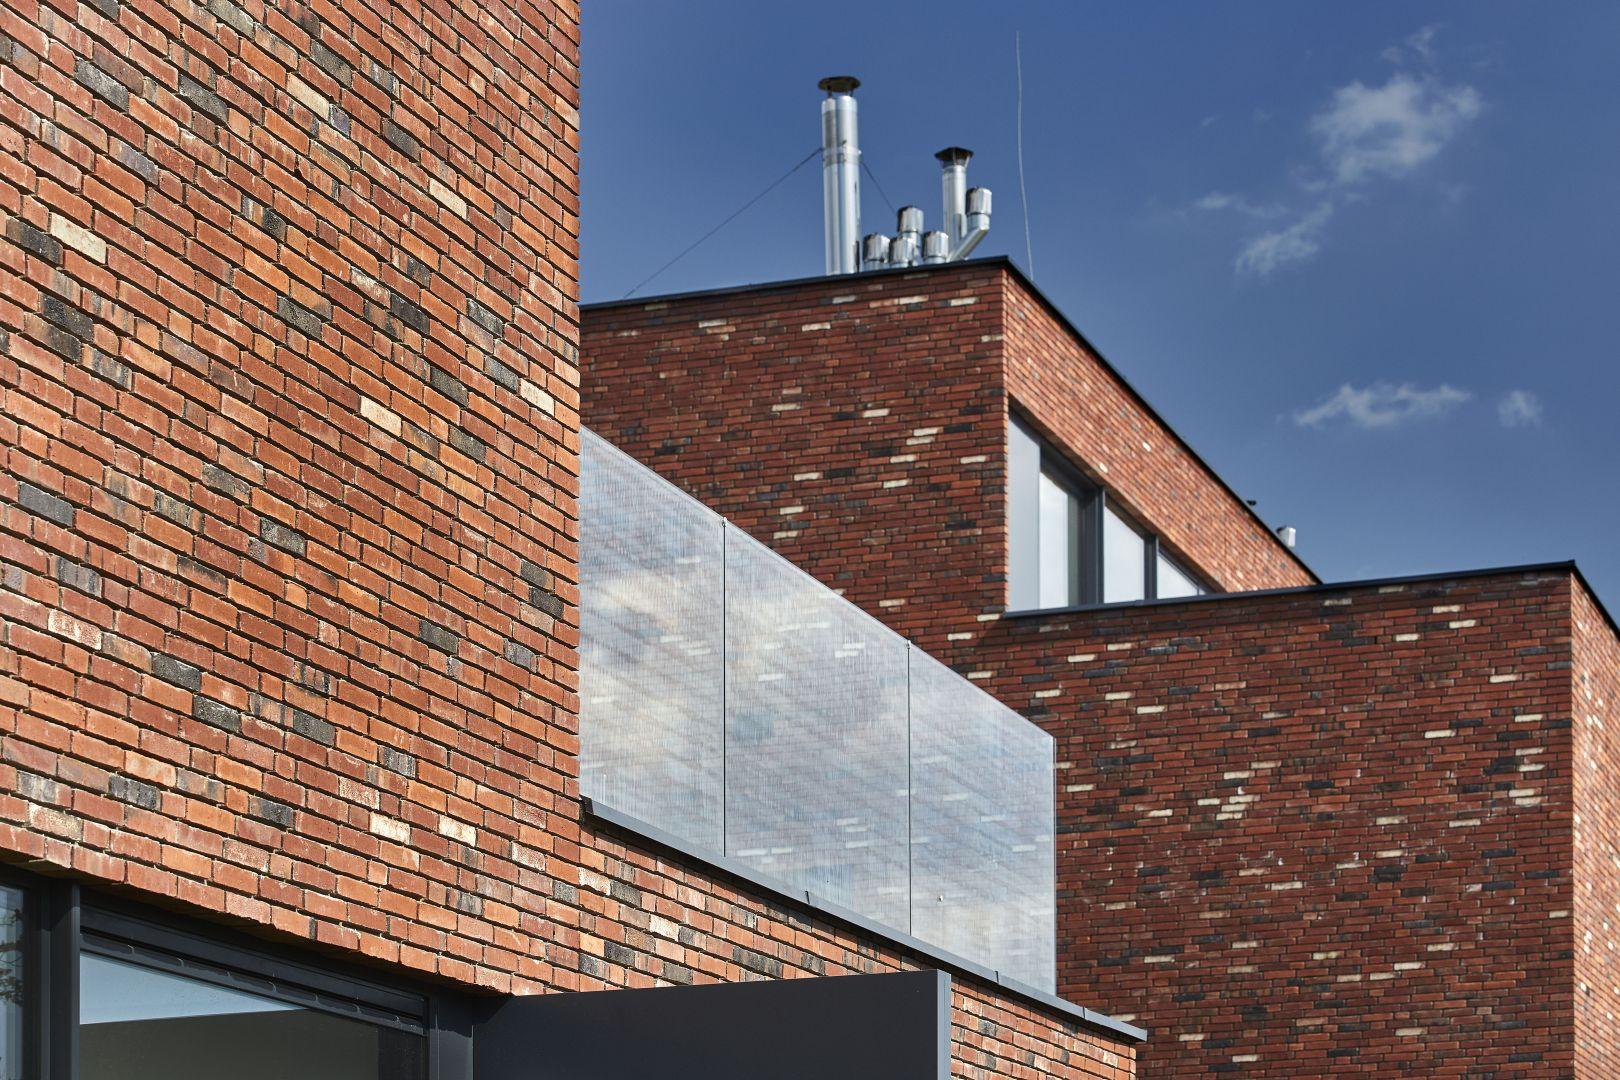 Ręcznie formowana cegła Fortuna i Fortuna Long w odcieniach zgaszonej czerwieni to idealna propozycja dla dużych, przestronnych metraży, jak również elewacji, które dzięki surowej i nieregularnej powierzchni cegły nadadzą charakteru międzywojennej zabudowy. Fot. Wienerberger